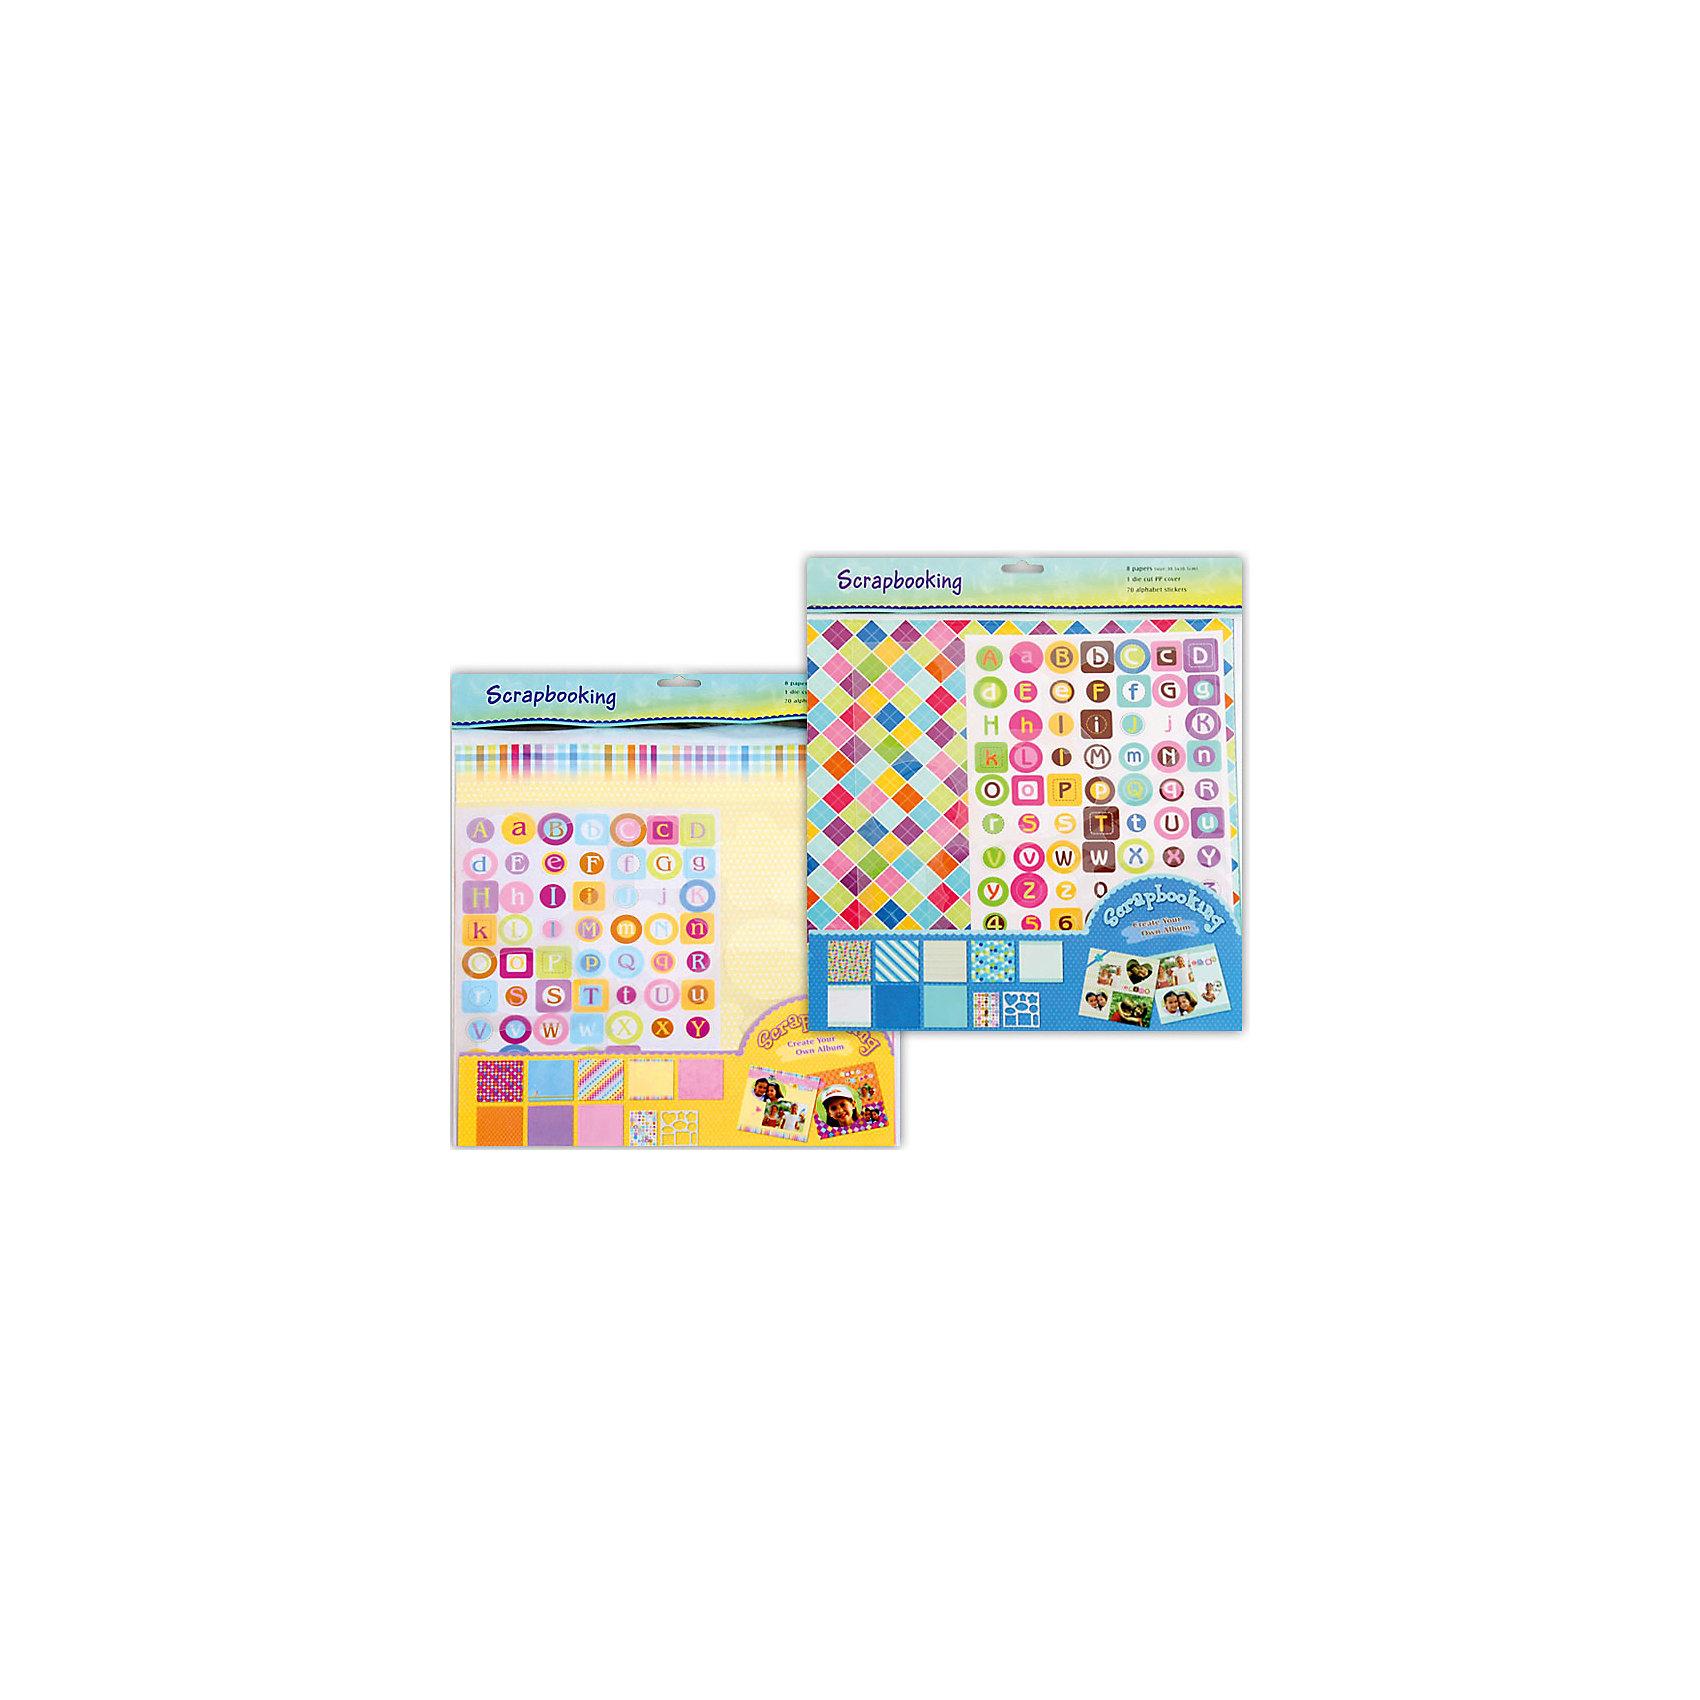 Набор для творчества МозаикаНабор для творчества Мозаика, Tukzar, замечательно подойдет для детского творчества, поделок и аппликаций. В комплекте: 8 разноцветных листов дизайнерской бумаги, декорированной нарядными оригинальными узорами, наклейки в виде букв английского алфавита и цифр, пластиковый трафарет с различными фигурками. Упаковка - блистер.<br><br>Дополнительная информация:<br><br>- В комплекте: 8 листов дизайнерской бумаги, наклейки, трафарет из пластика.<br>- Размер листов бумаги: 30,5 х 30,5 см.<br>- Размер упаковки:  35,5 x 31,5 x 0,5 см.<br>- Вес: 120 гр.<br><br>Набор для творчества Мозаика, Tukzar, можно купить в нашем интернет-магазине.<br><br>Ширина мм: 300<br>Глубина мм: 210<br>Высота мм: 10<br>Вес г: 150<br>Возраст от месяцев: 36<br>Возраст до месяцев: 108<br>Пол: Унисекс<br>Возраст: Детский<br>SKU: 4037269